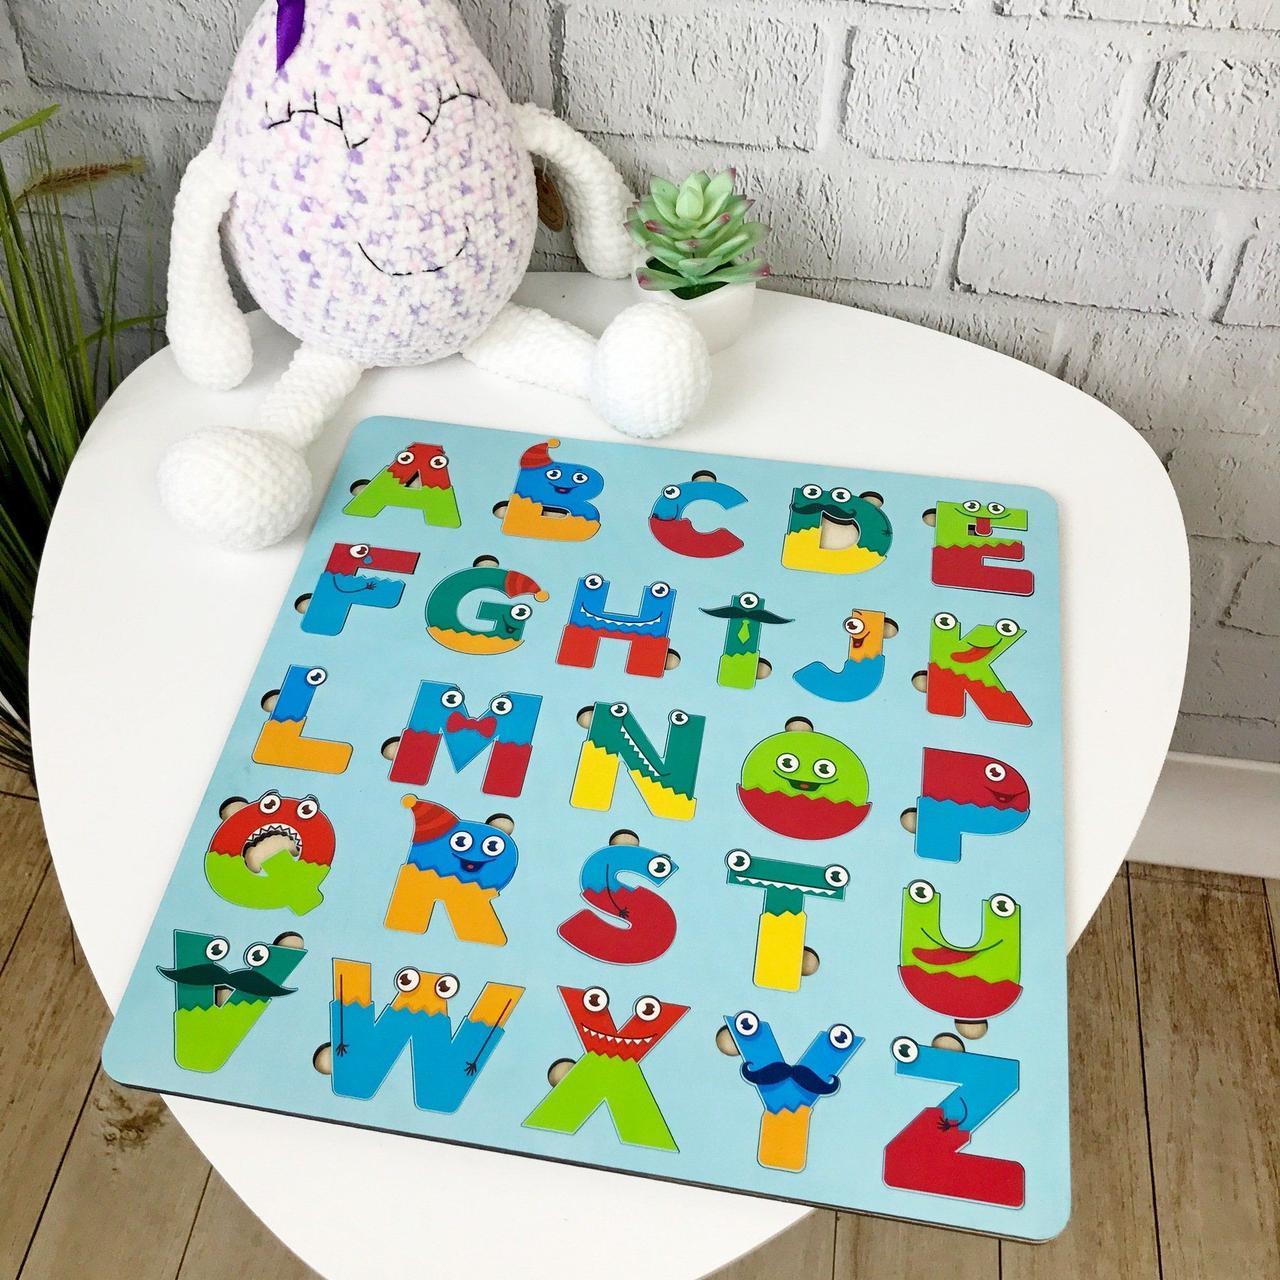 Дерев'яний англійський алфавіт кольоровий, англійська абетка, різнокольорова, пазл Алфавіт English для дітей